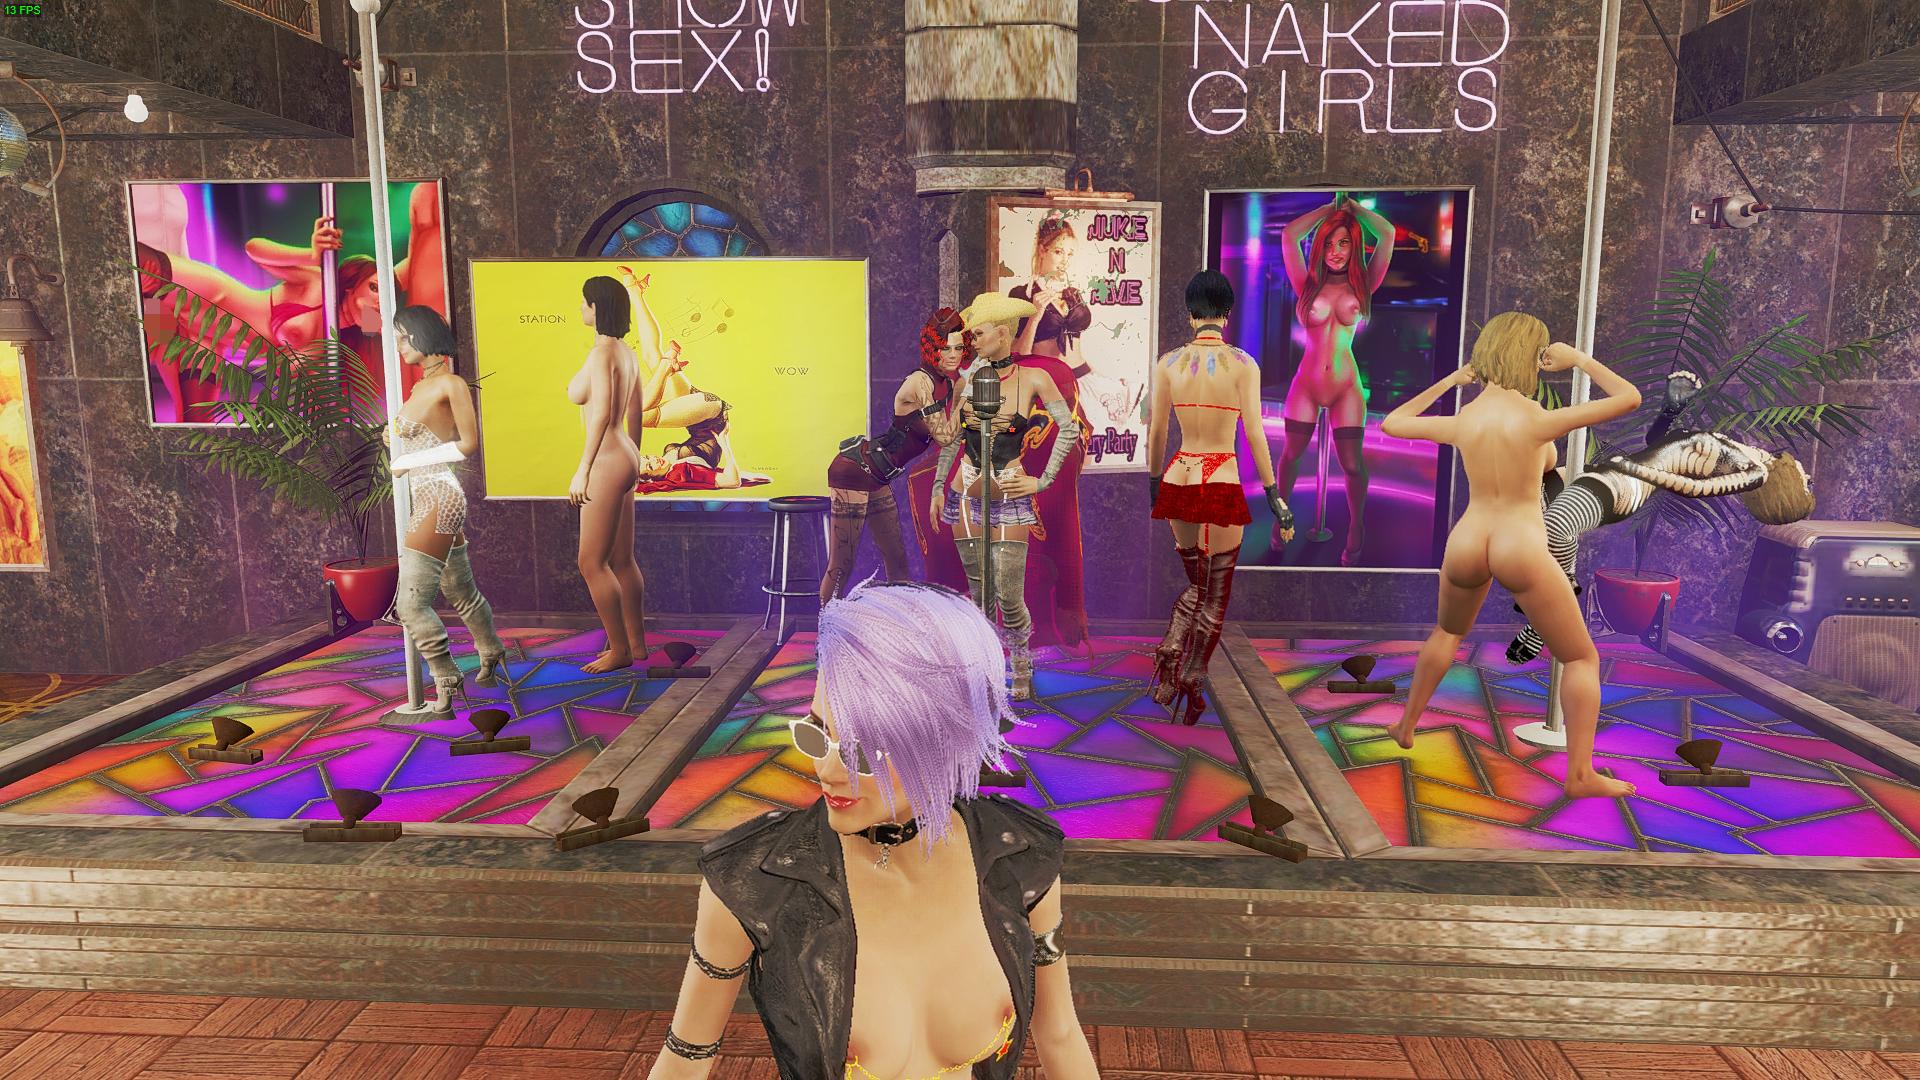 Айви внимательно осматривает танцующих.